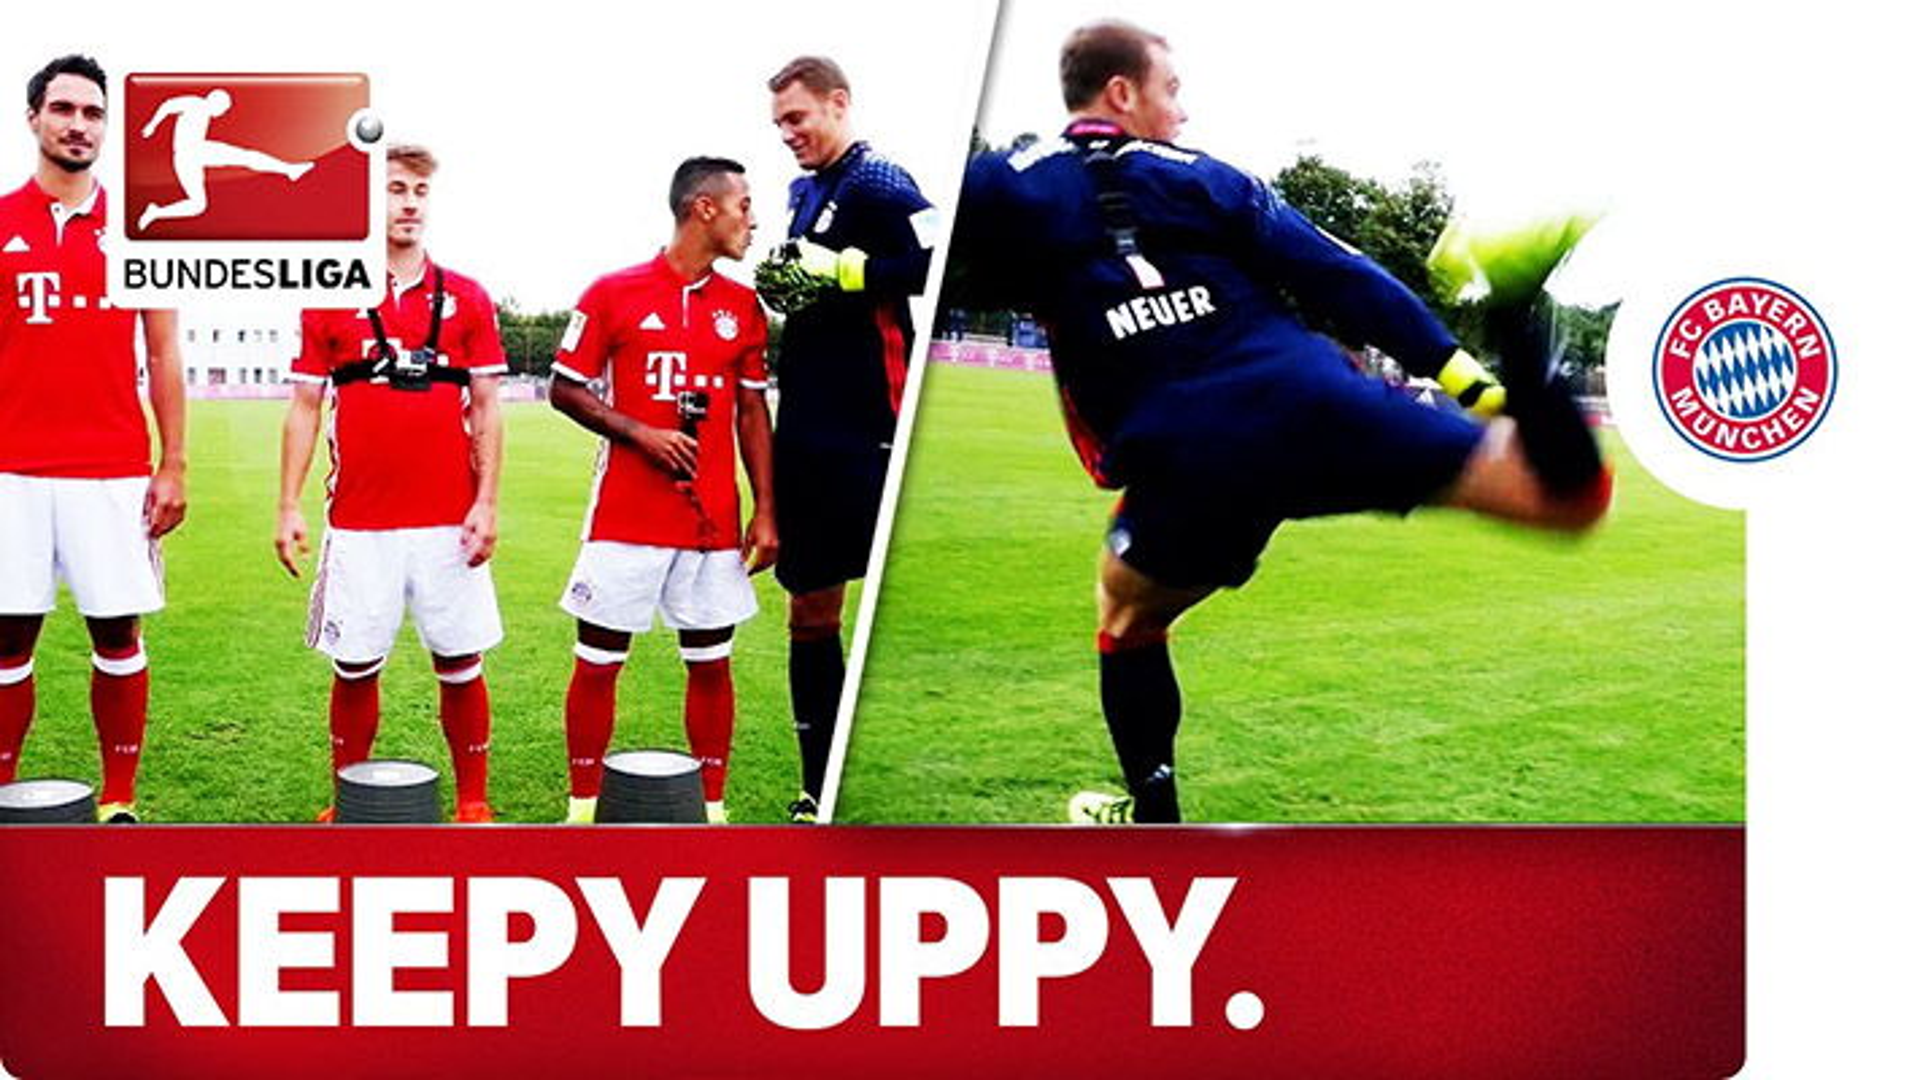 چالش جذاب Keepy Uppy بازیکنان بایرن مونیخ